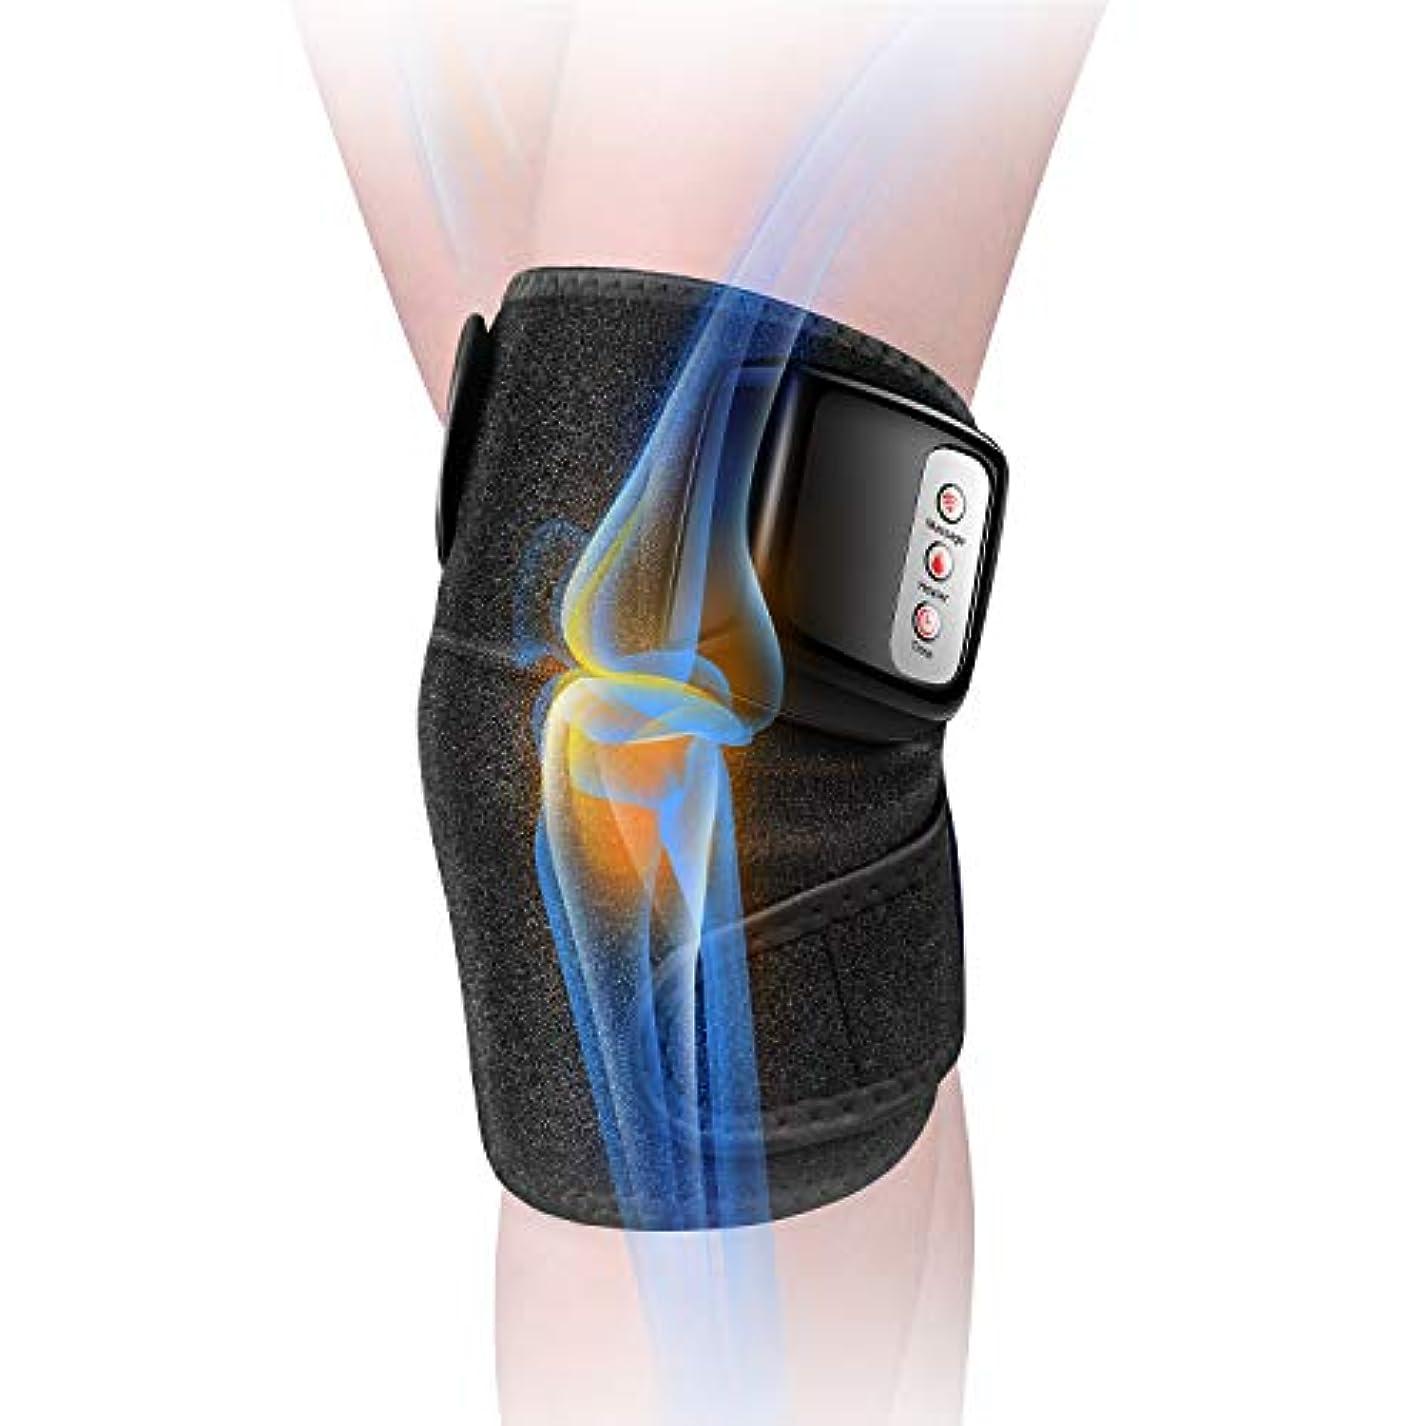 テーマパッチ有害な膝マッサージャー 関節マッサージャー マッサージ器 フットマッサージャー 振動 赤外線療法 温熱療法 膝サポーター ストレス解消 肩 太もも/腕対応